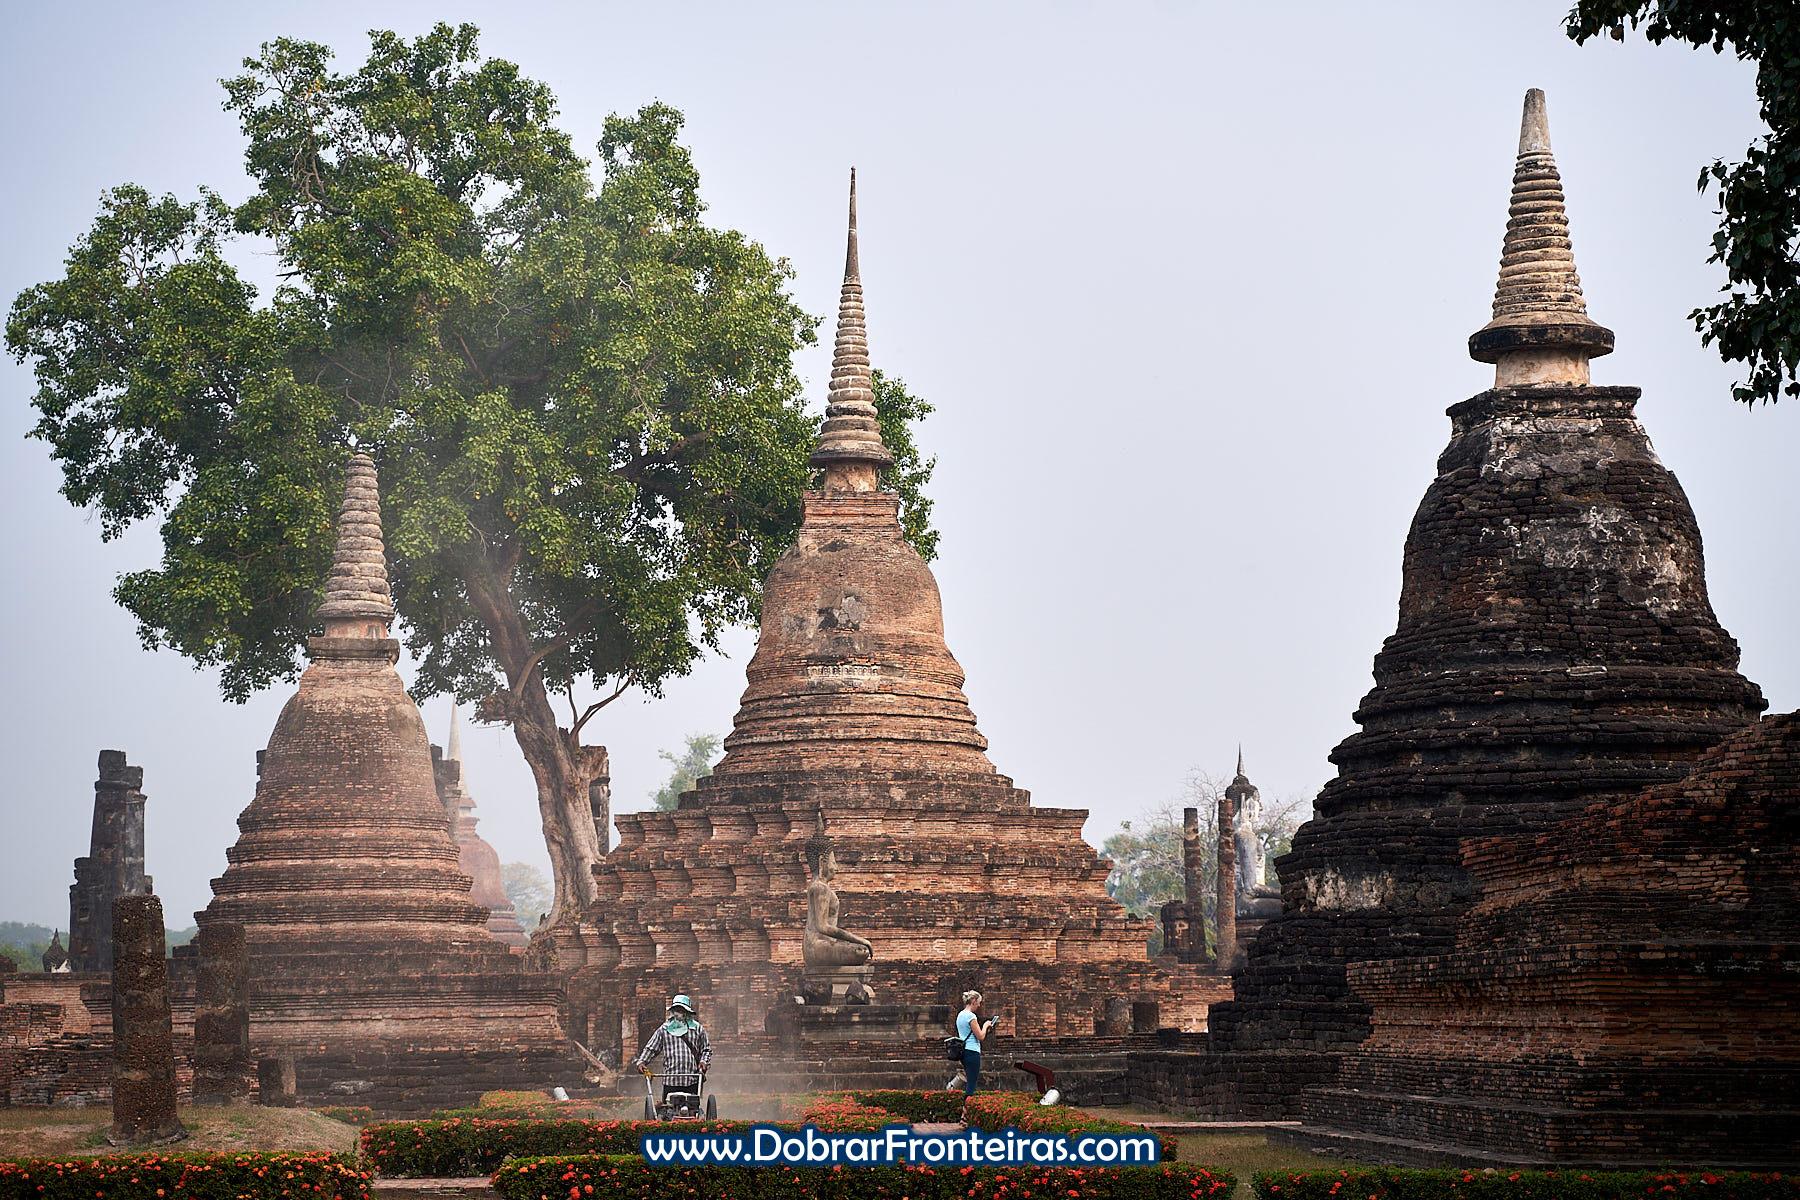 Grande árvore e estupas de tijolo em Sukhothai, Tailândia